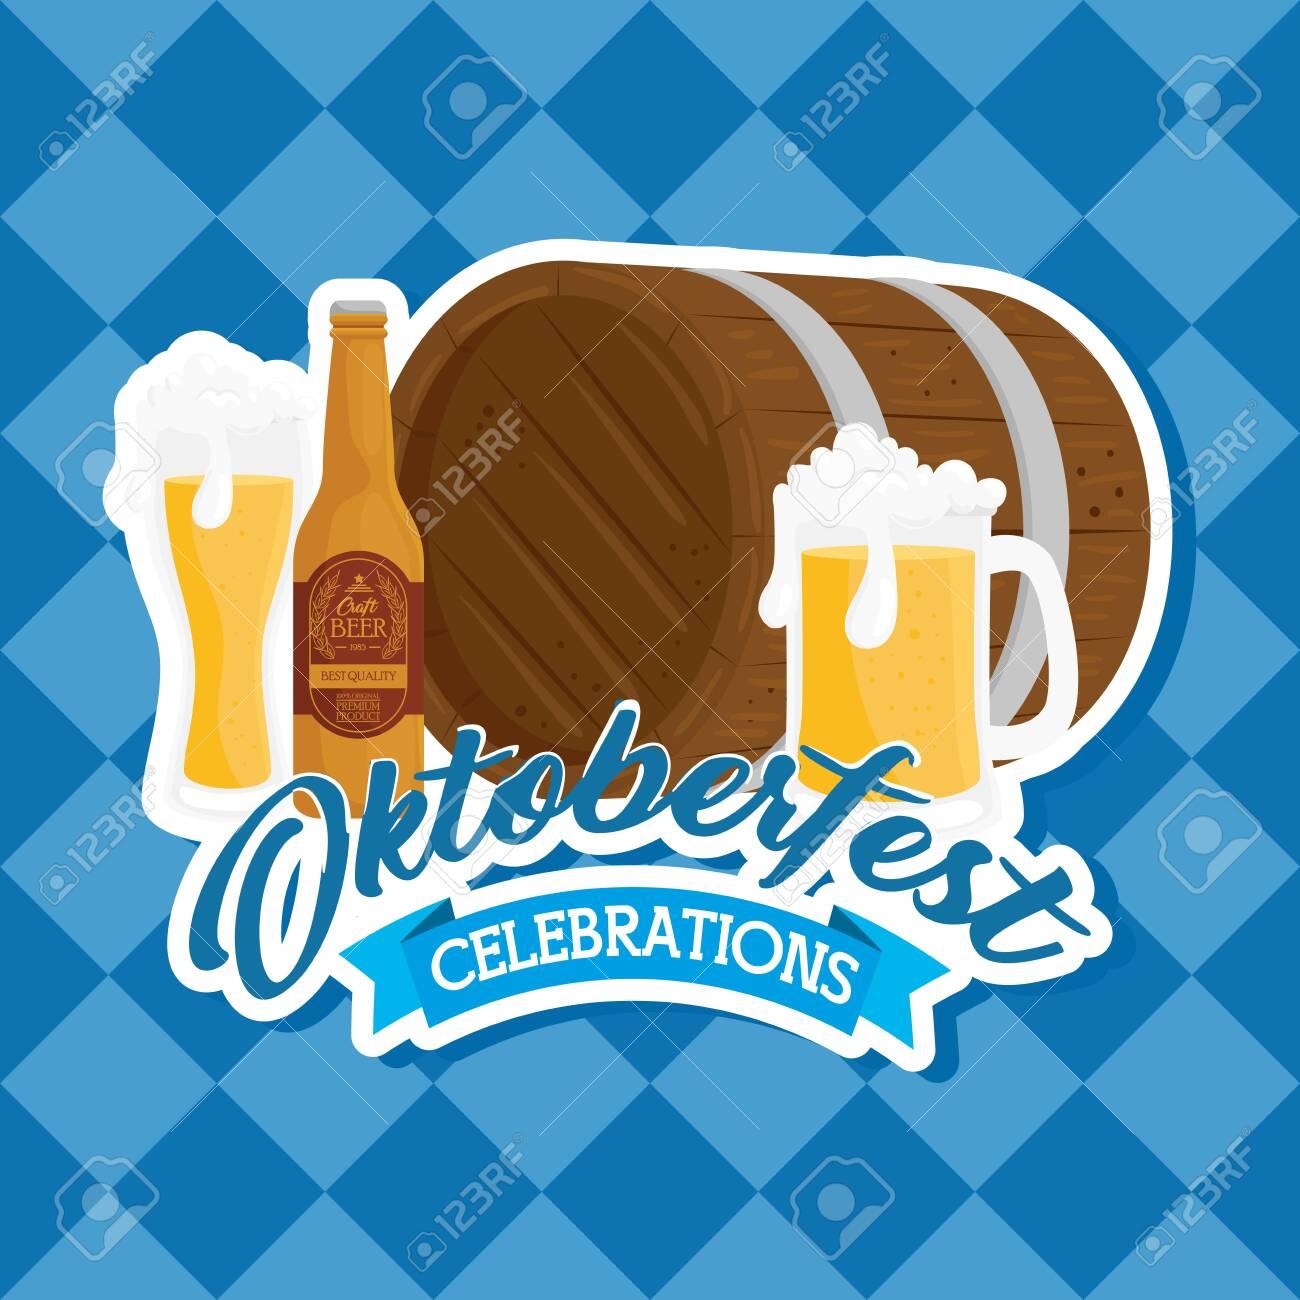 oktoberfest festival celebration with wooden barrel and craft beers vector illustration design - 154311559